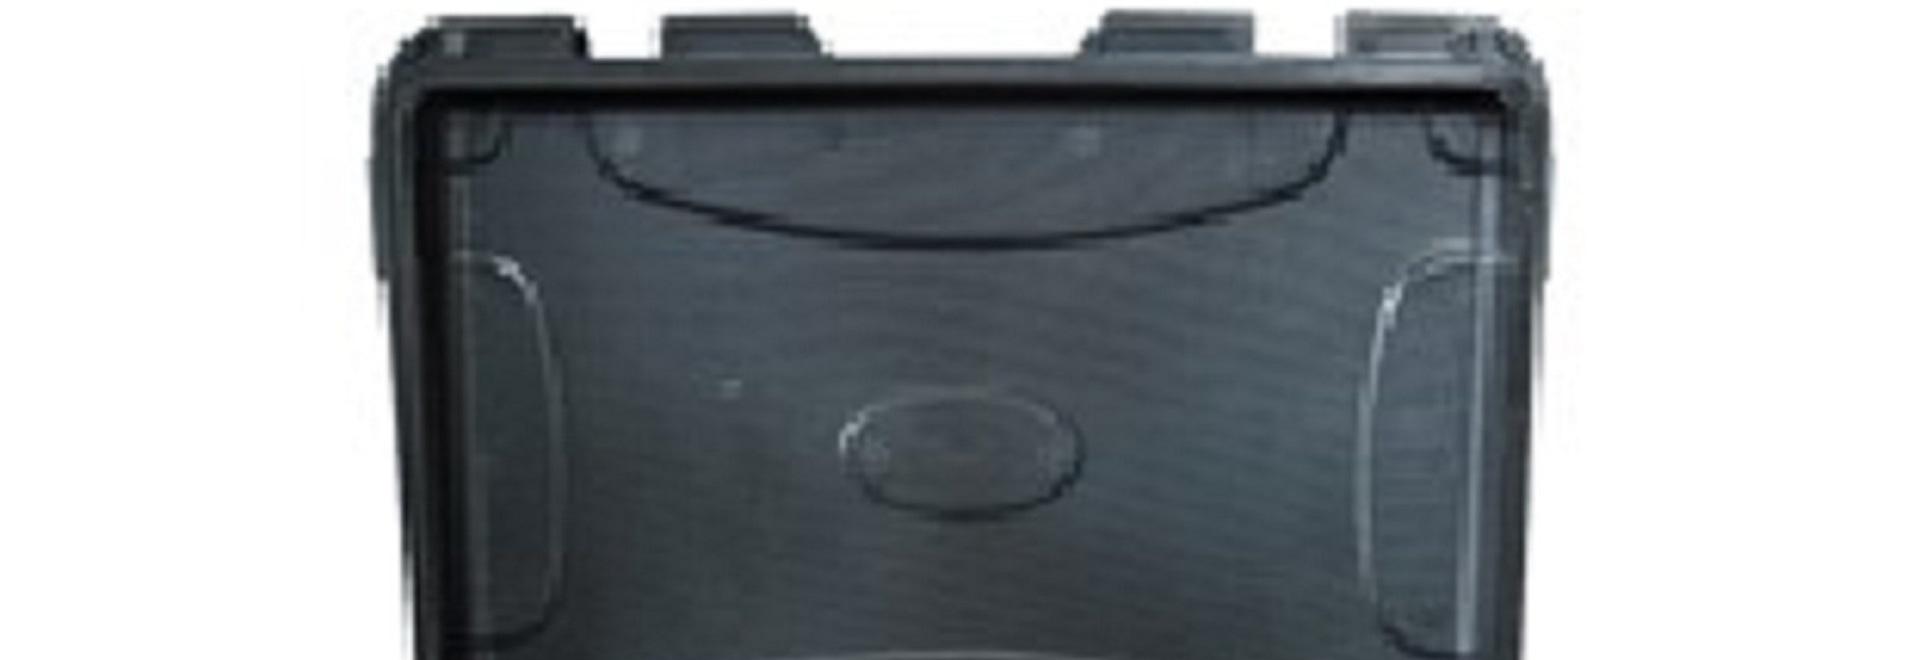 Analizador portátil modelo de los metales pesados AAP-300